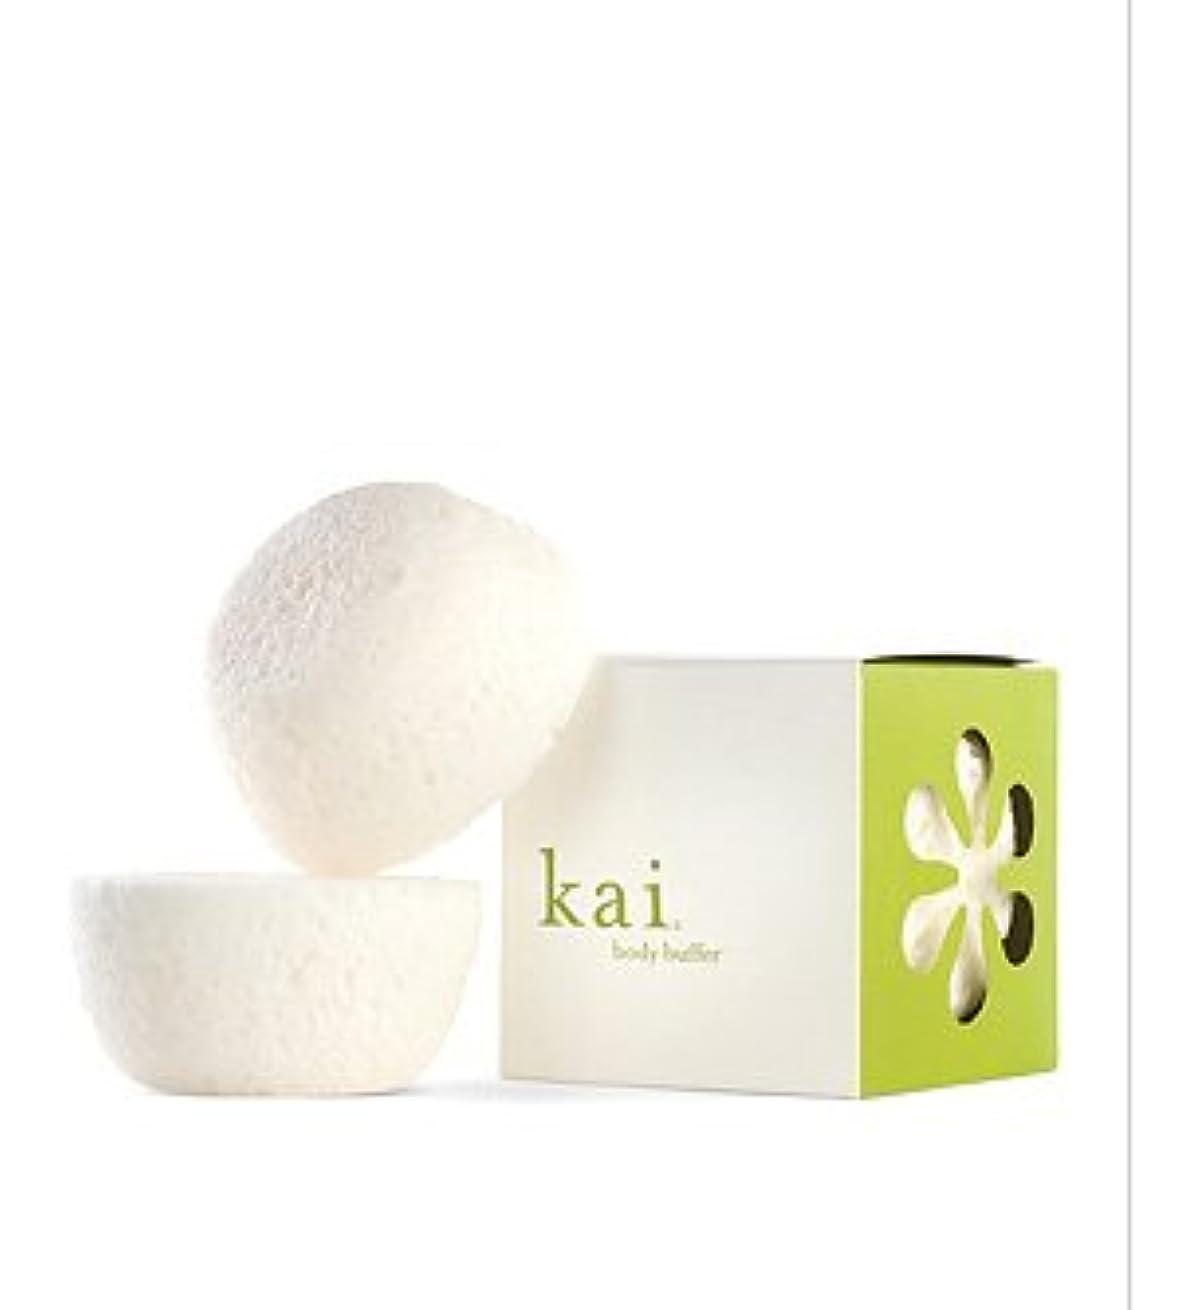 不確実時期尚早援助する〈海外直送品〉Kai Body Buffer (カイ ボディーバッファー) 2.75 oz (82.5ml) x 2 for Women